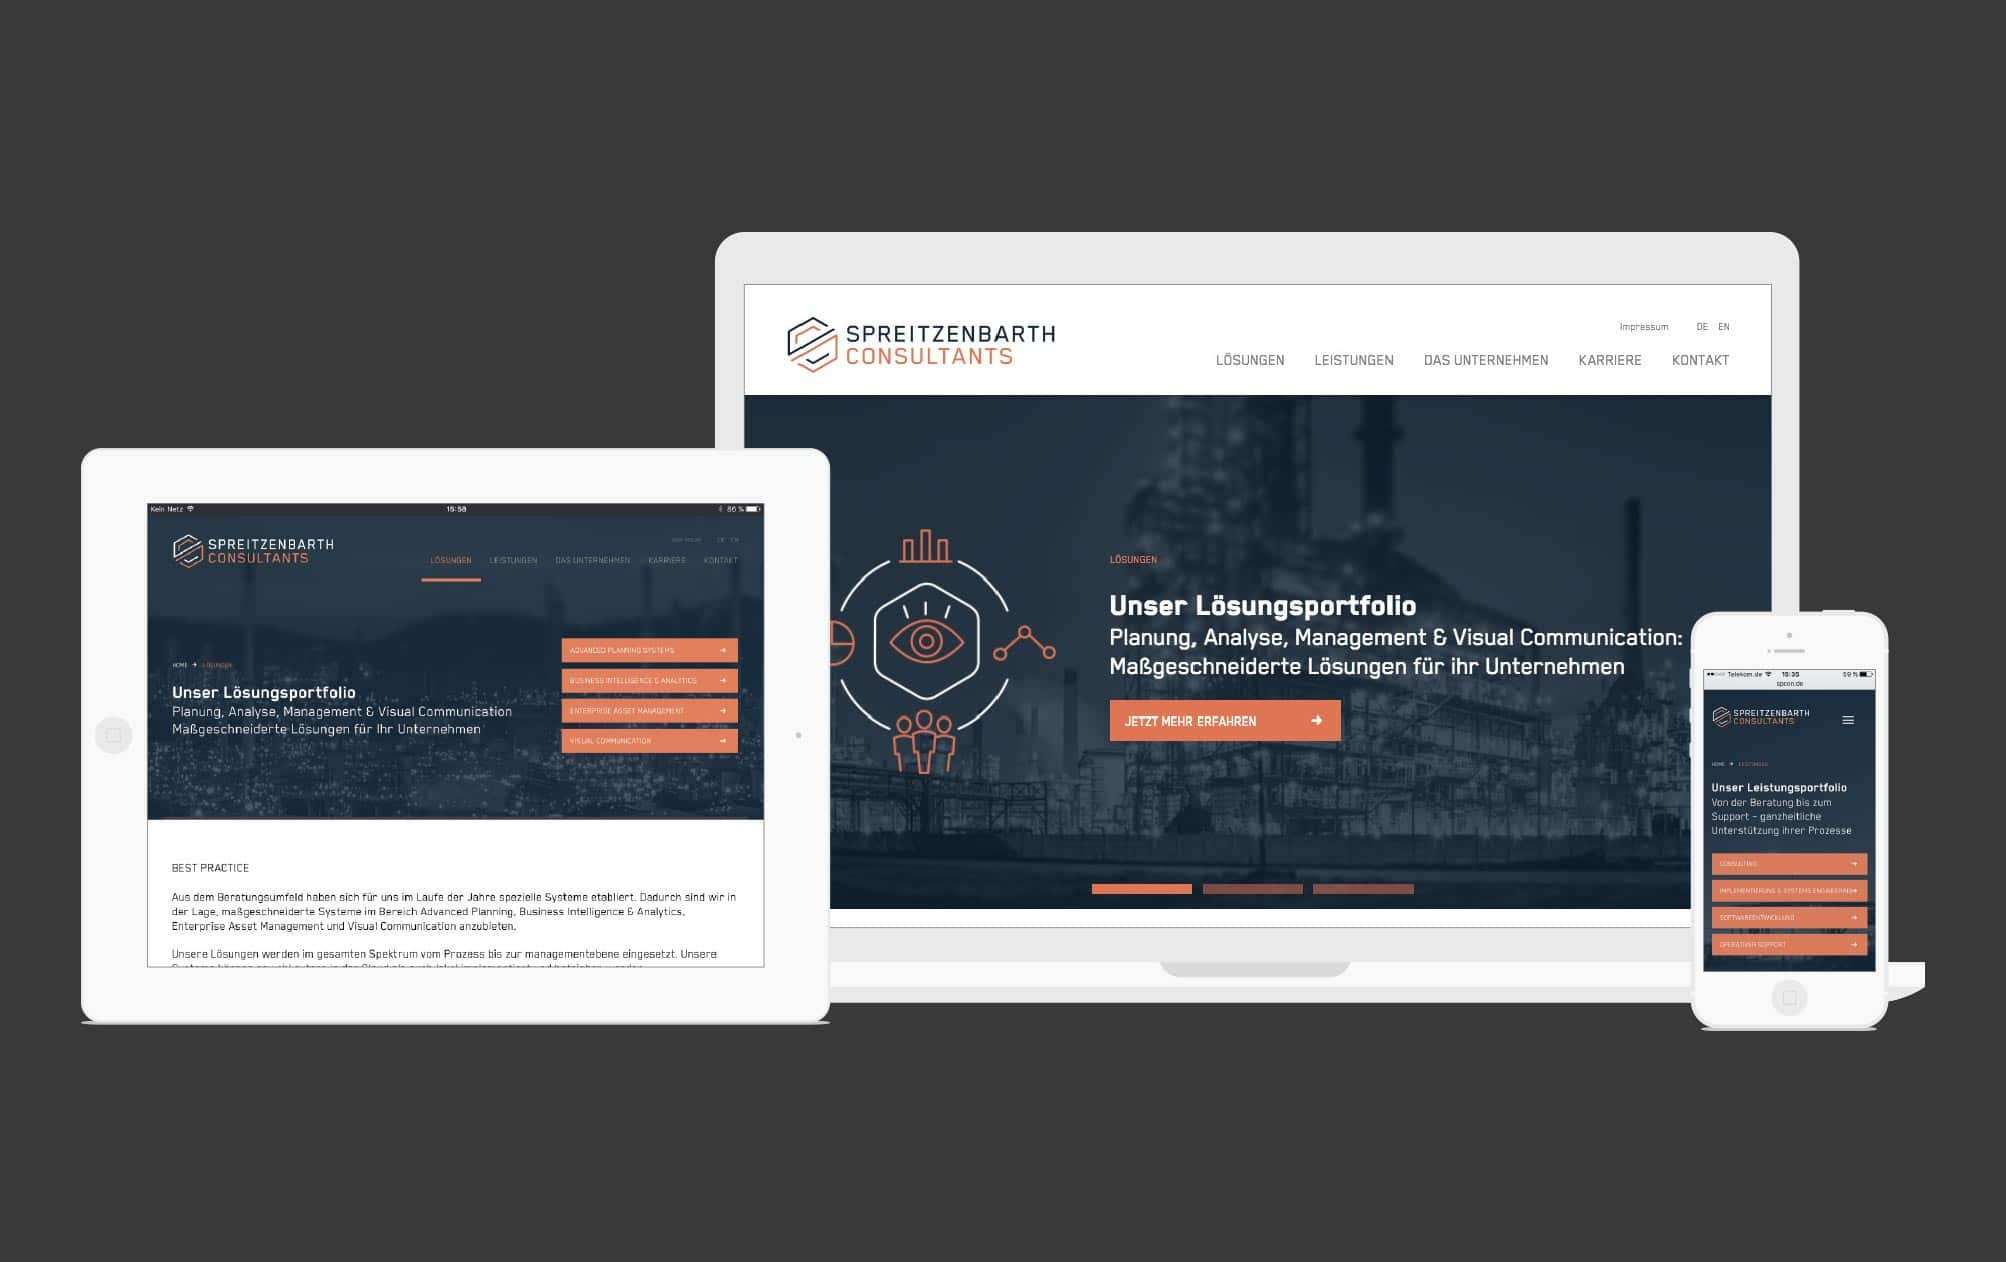 360VIER_Spreizenbarth_Bild_Entwicklung Webdesign Darmstadt